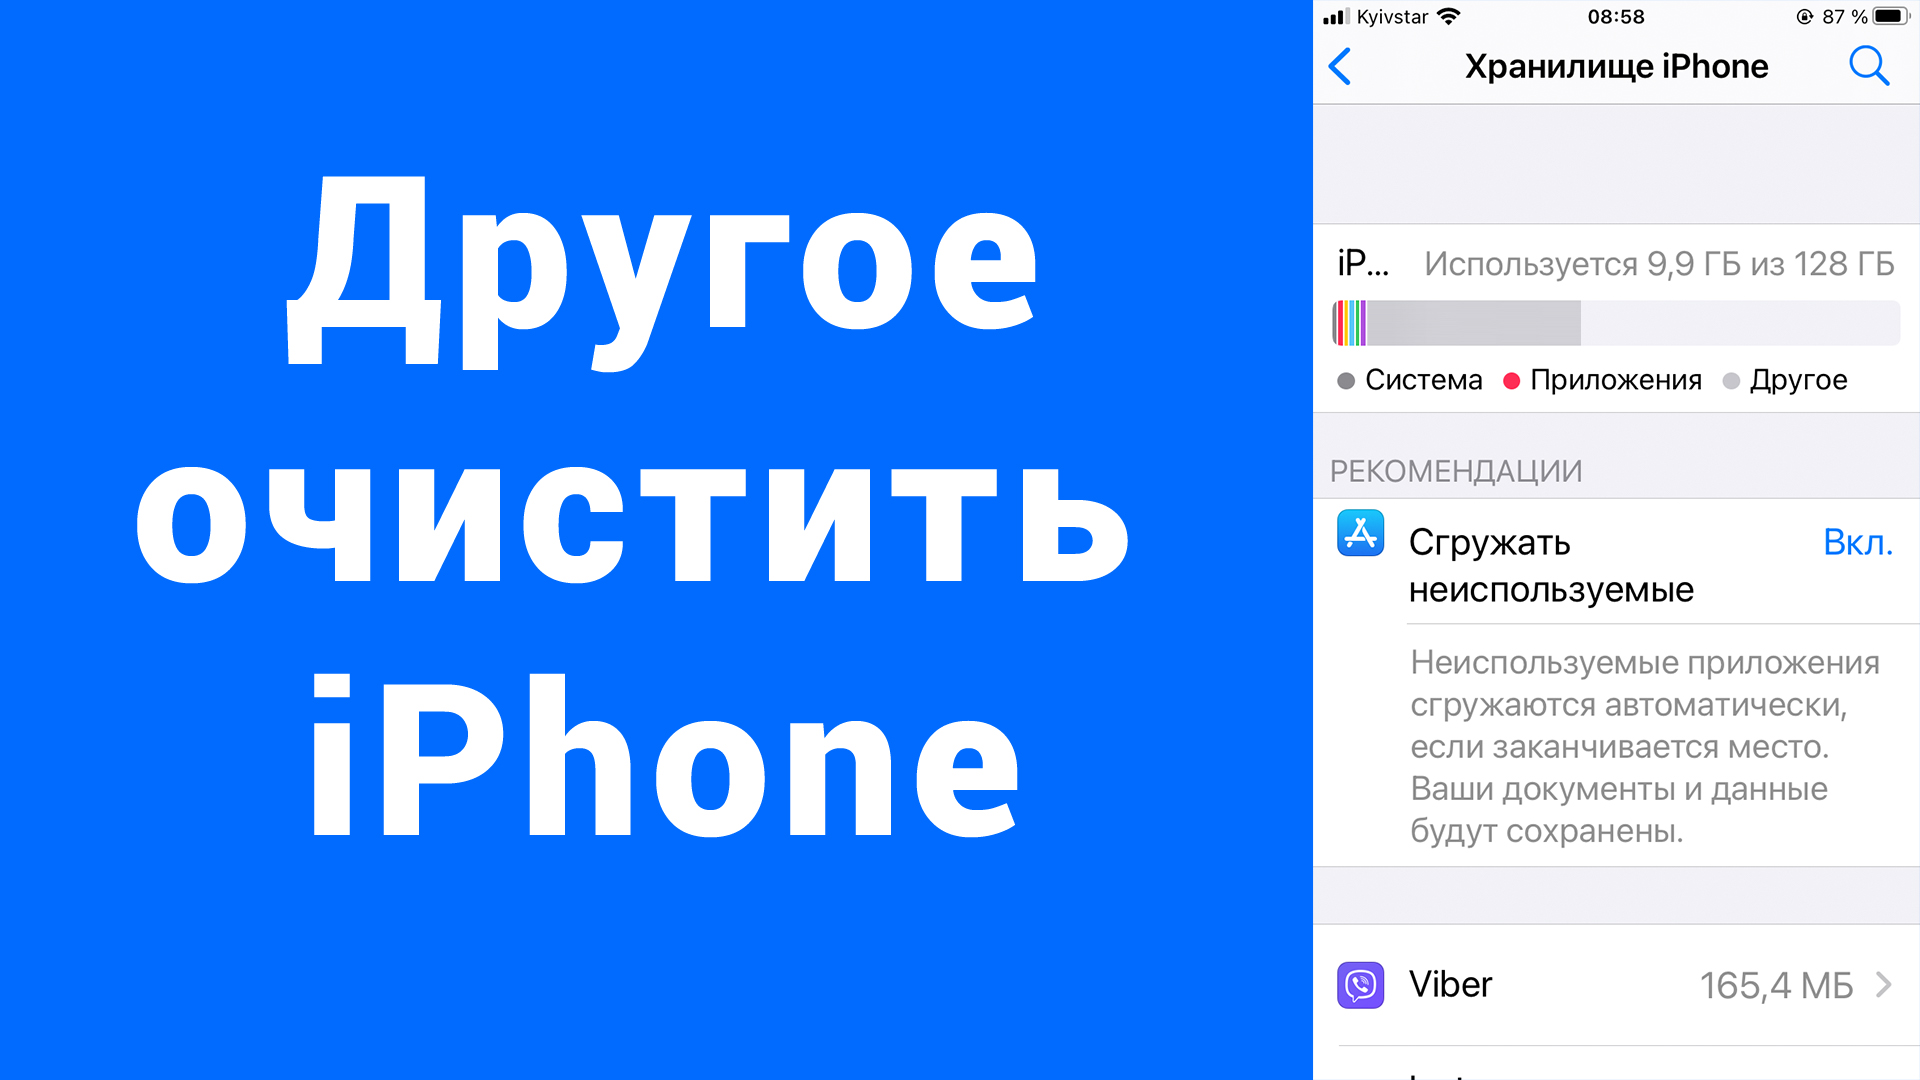 Как очистить Другое iPhone – Стереть контент и настройки 2021 iOS 14